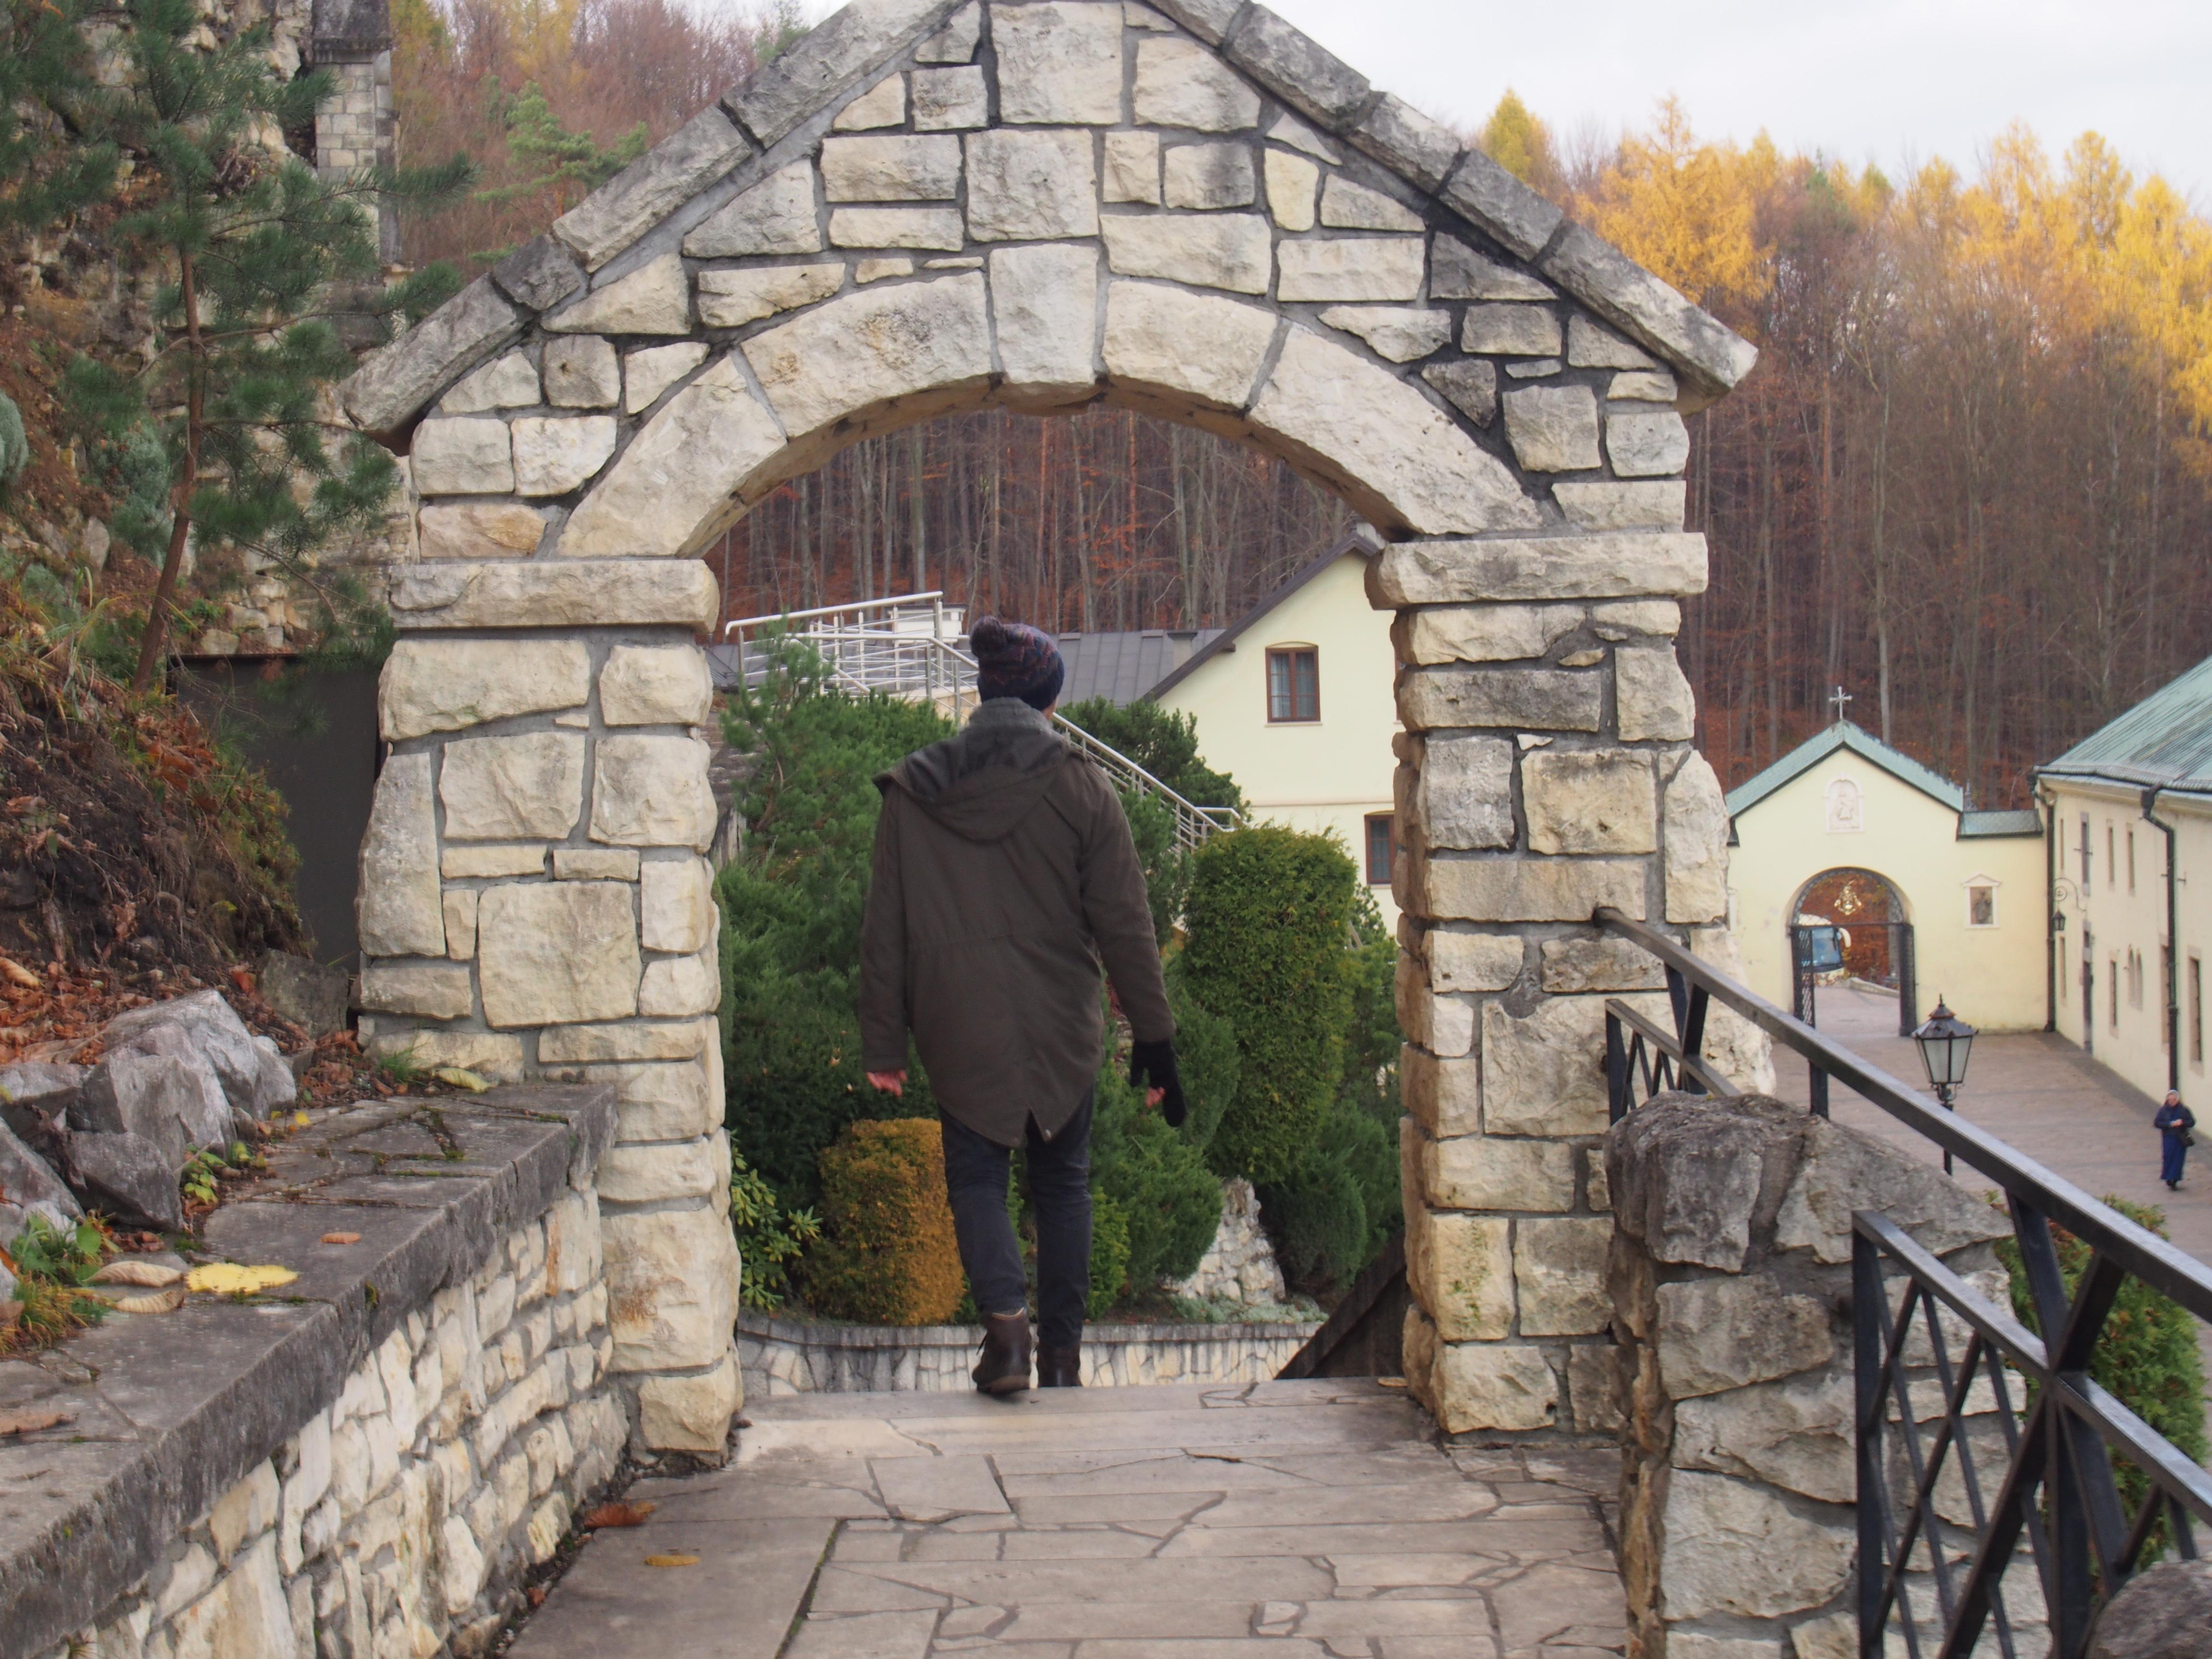 Droga Krzyżowa, Klasztor Karmelitów Bosych w Czernej